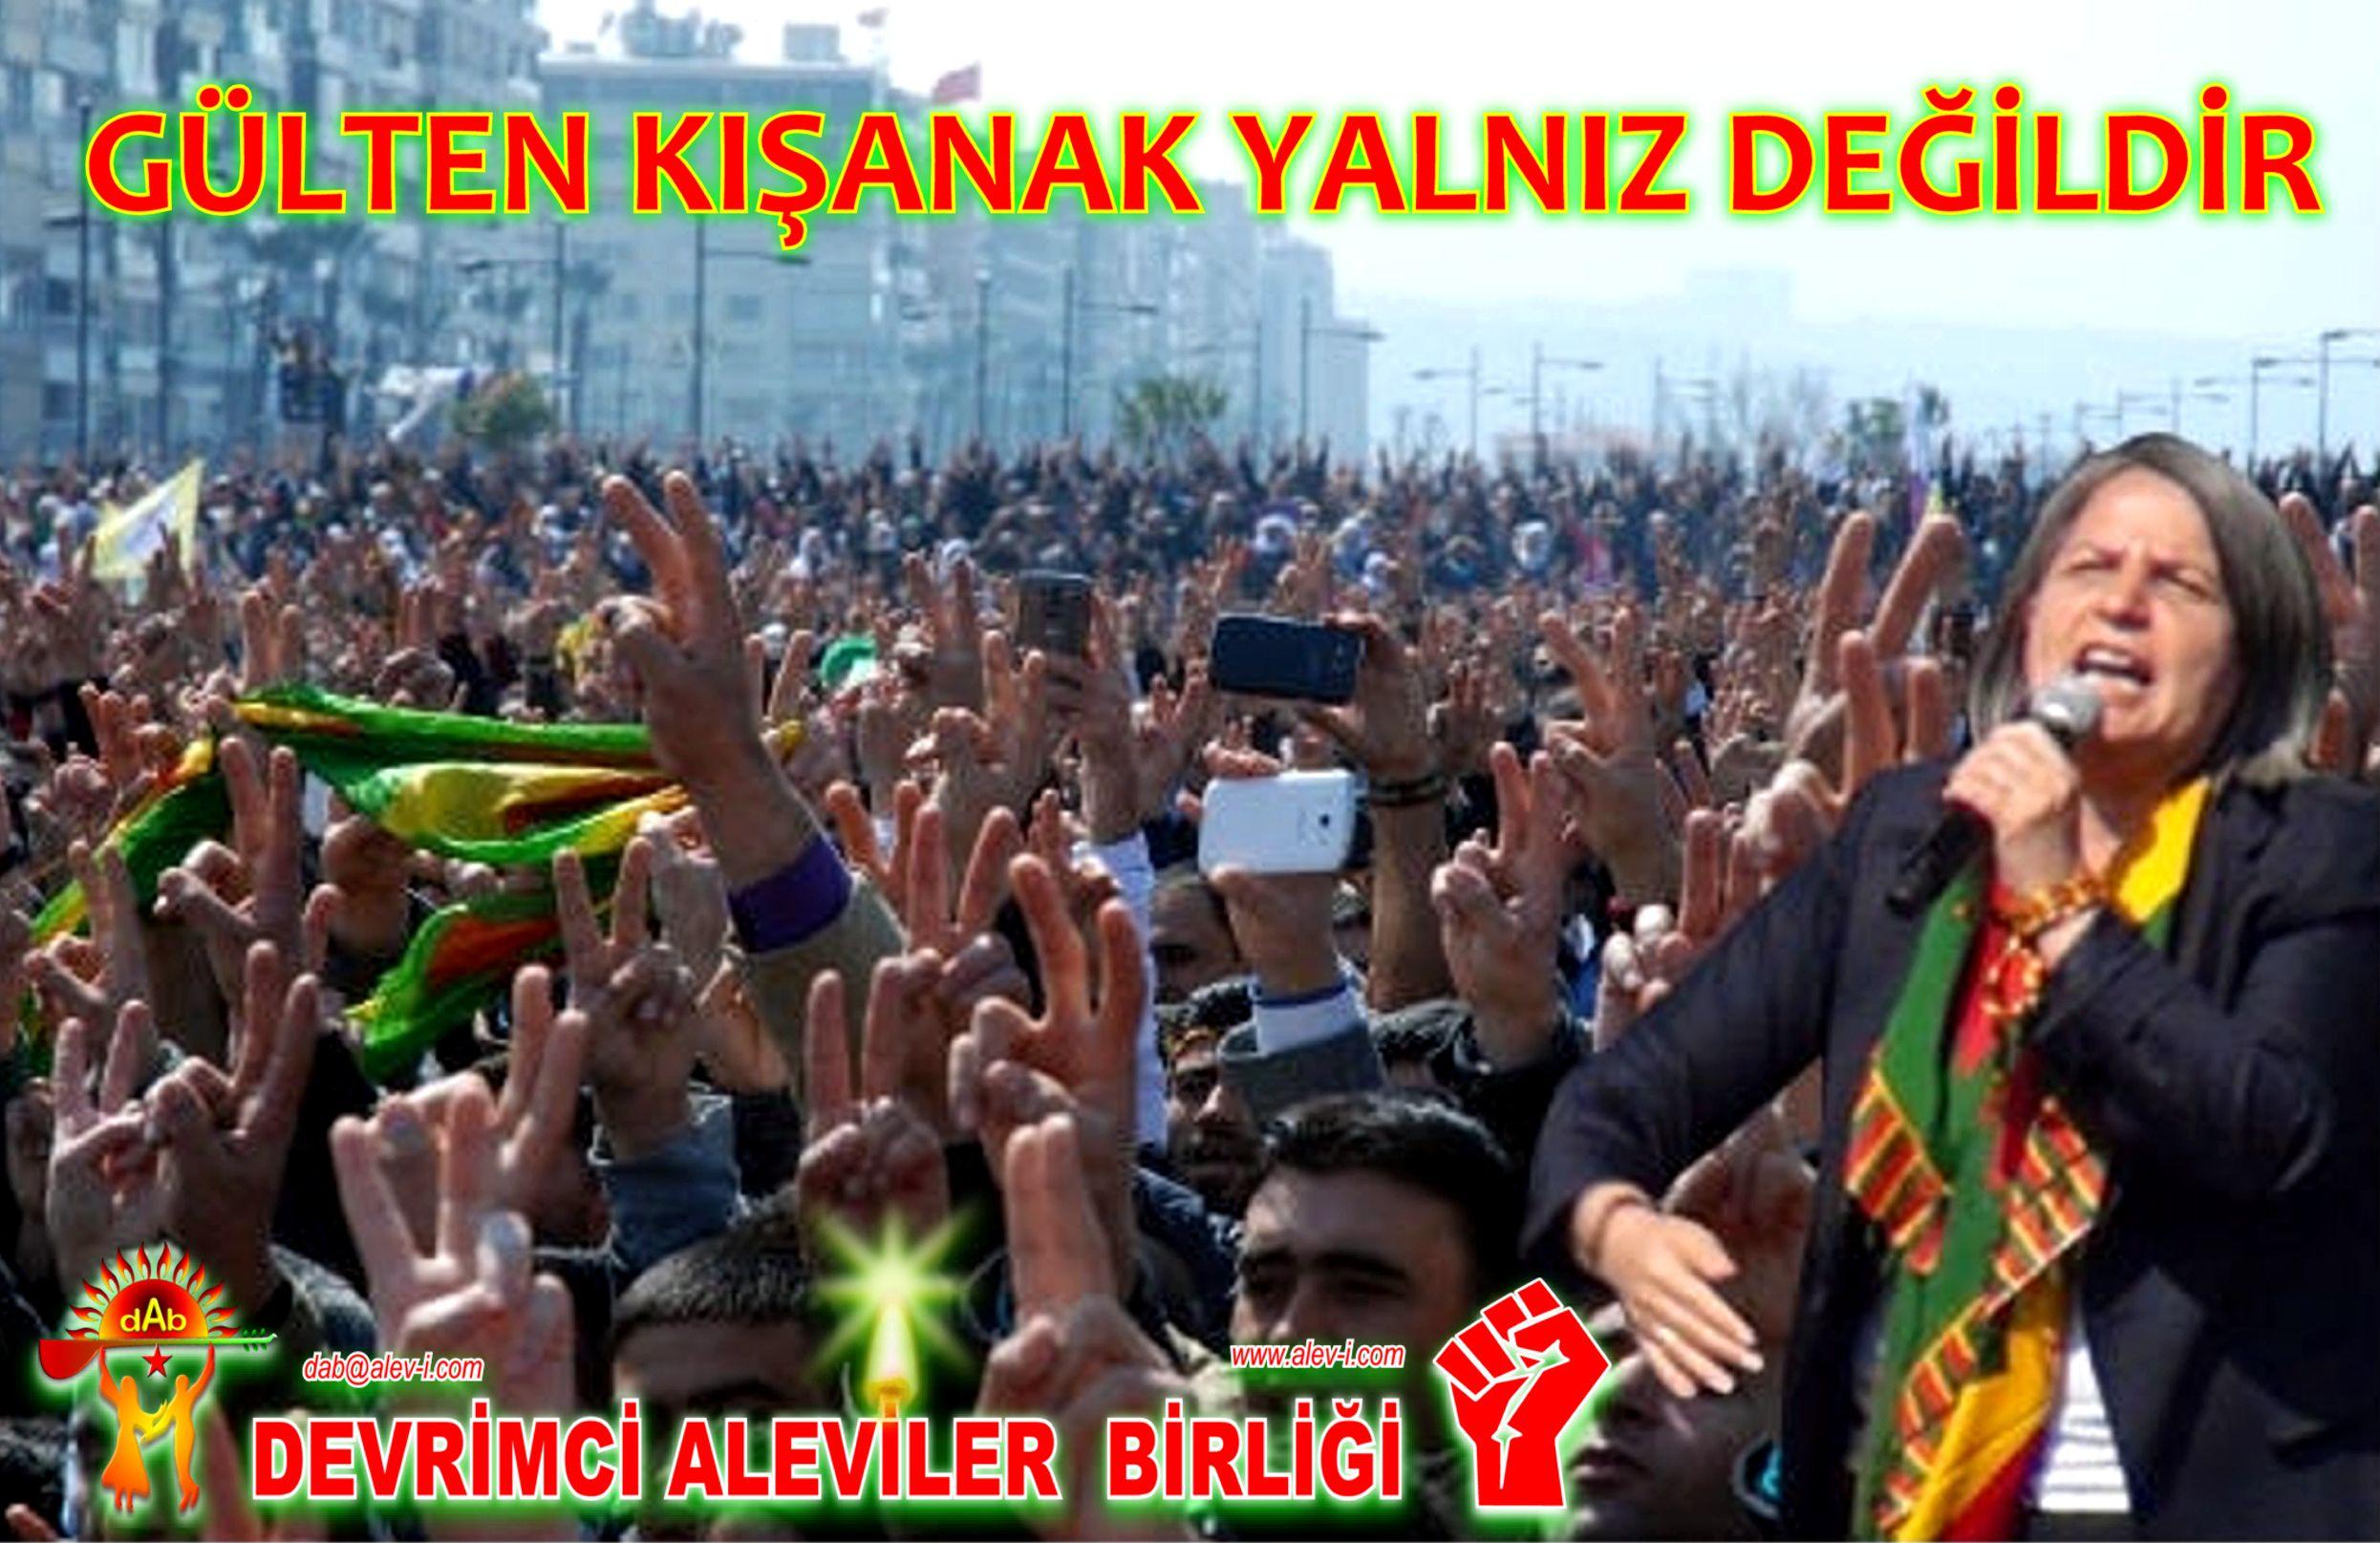 Devrimci Aleviler Birliği DAB Alevi Kızılbaş Bektaşi pir sultan cem hz Ali 12 imam semah Feramuz Şah Acar gulten kisanak yalniz degildir DAB